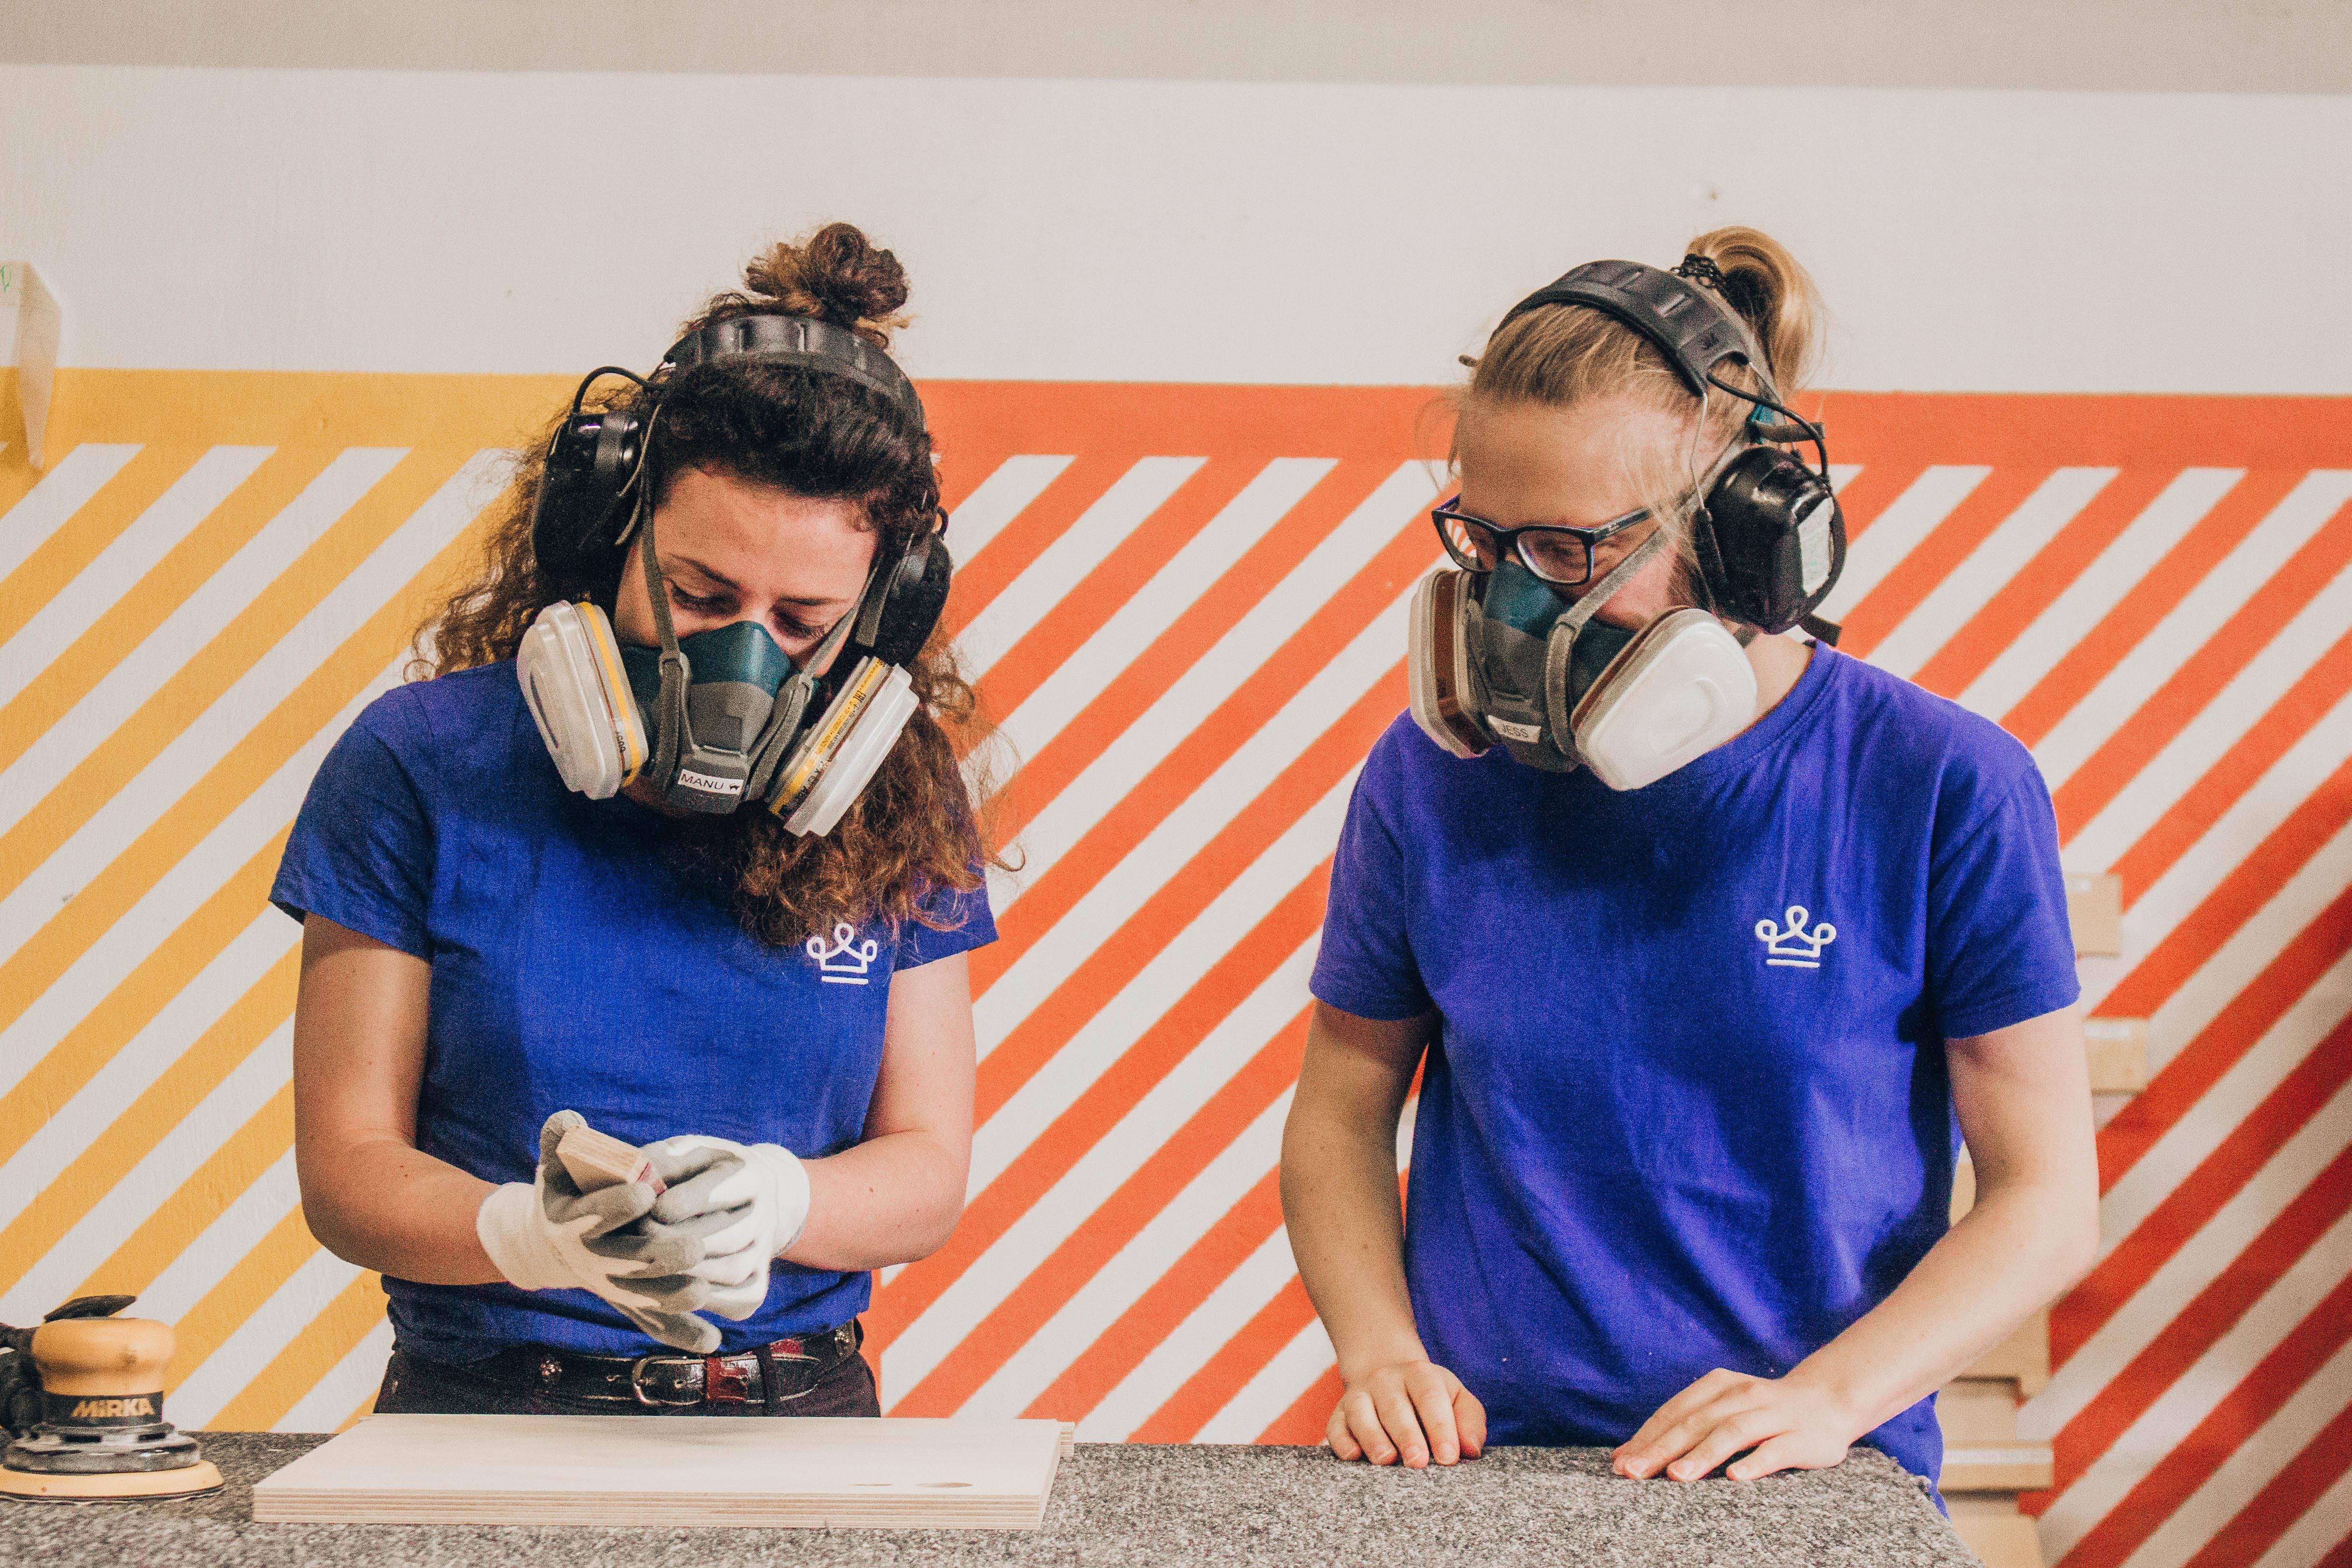 Deux femmes ébénistes dans un atelier de fabricant de mobilier de bureau qui font un onboarding